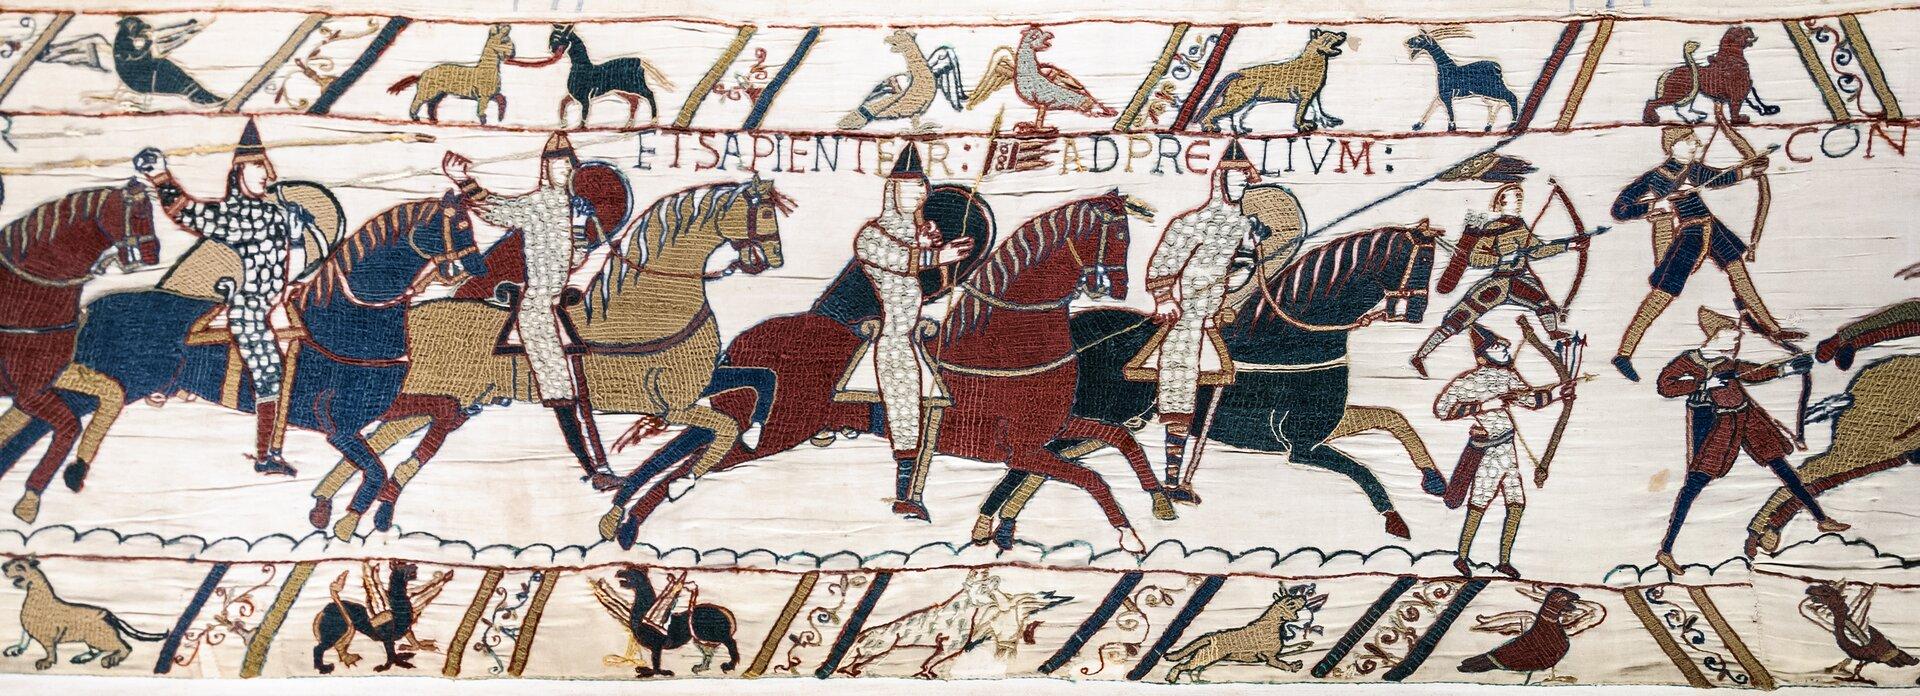 Ilustracja przedstawiająca kawałek tkaniny zjeźdźcami na koniach. Jeźdźcy znajdują się prawdopodobnie na arenie. Obok jazdy konnej widoczni są także łucznicy.